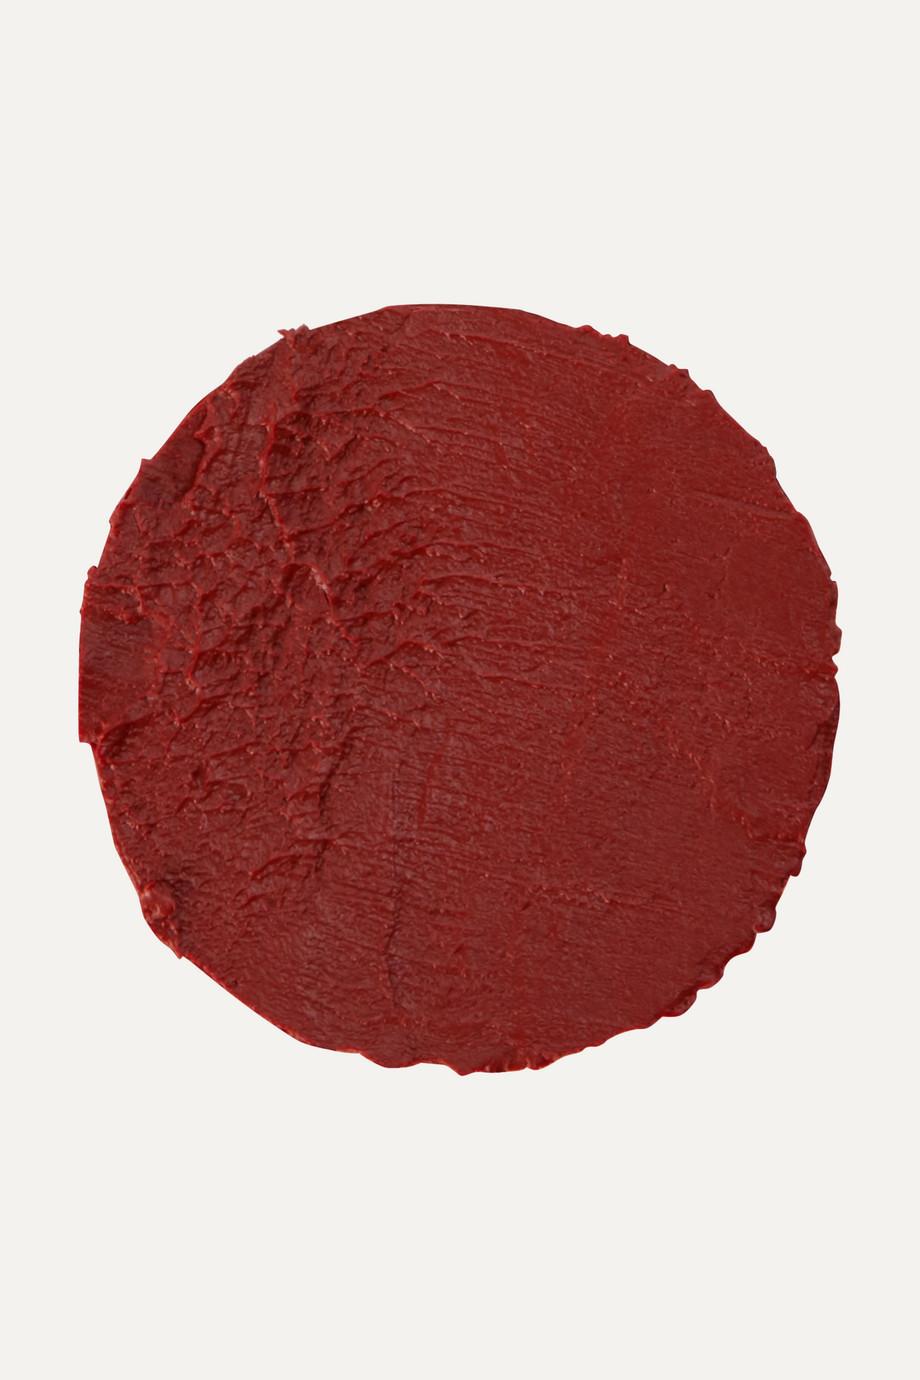 Serge Lutens Lipstick – Votre Sienne 7 – Lippenstift